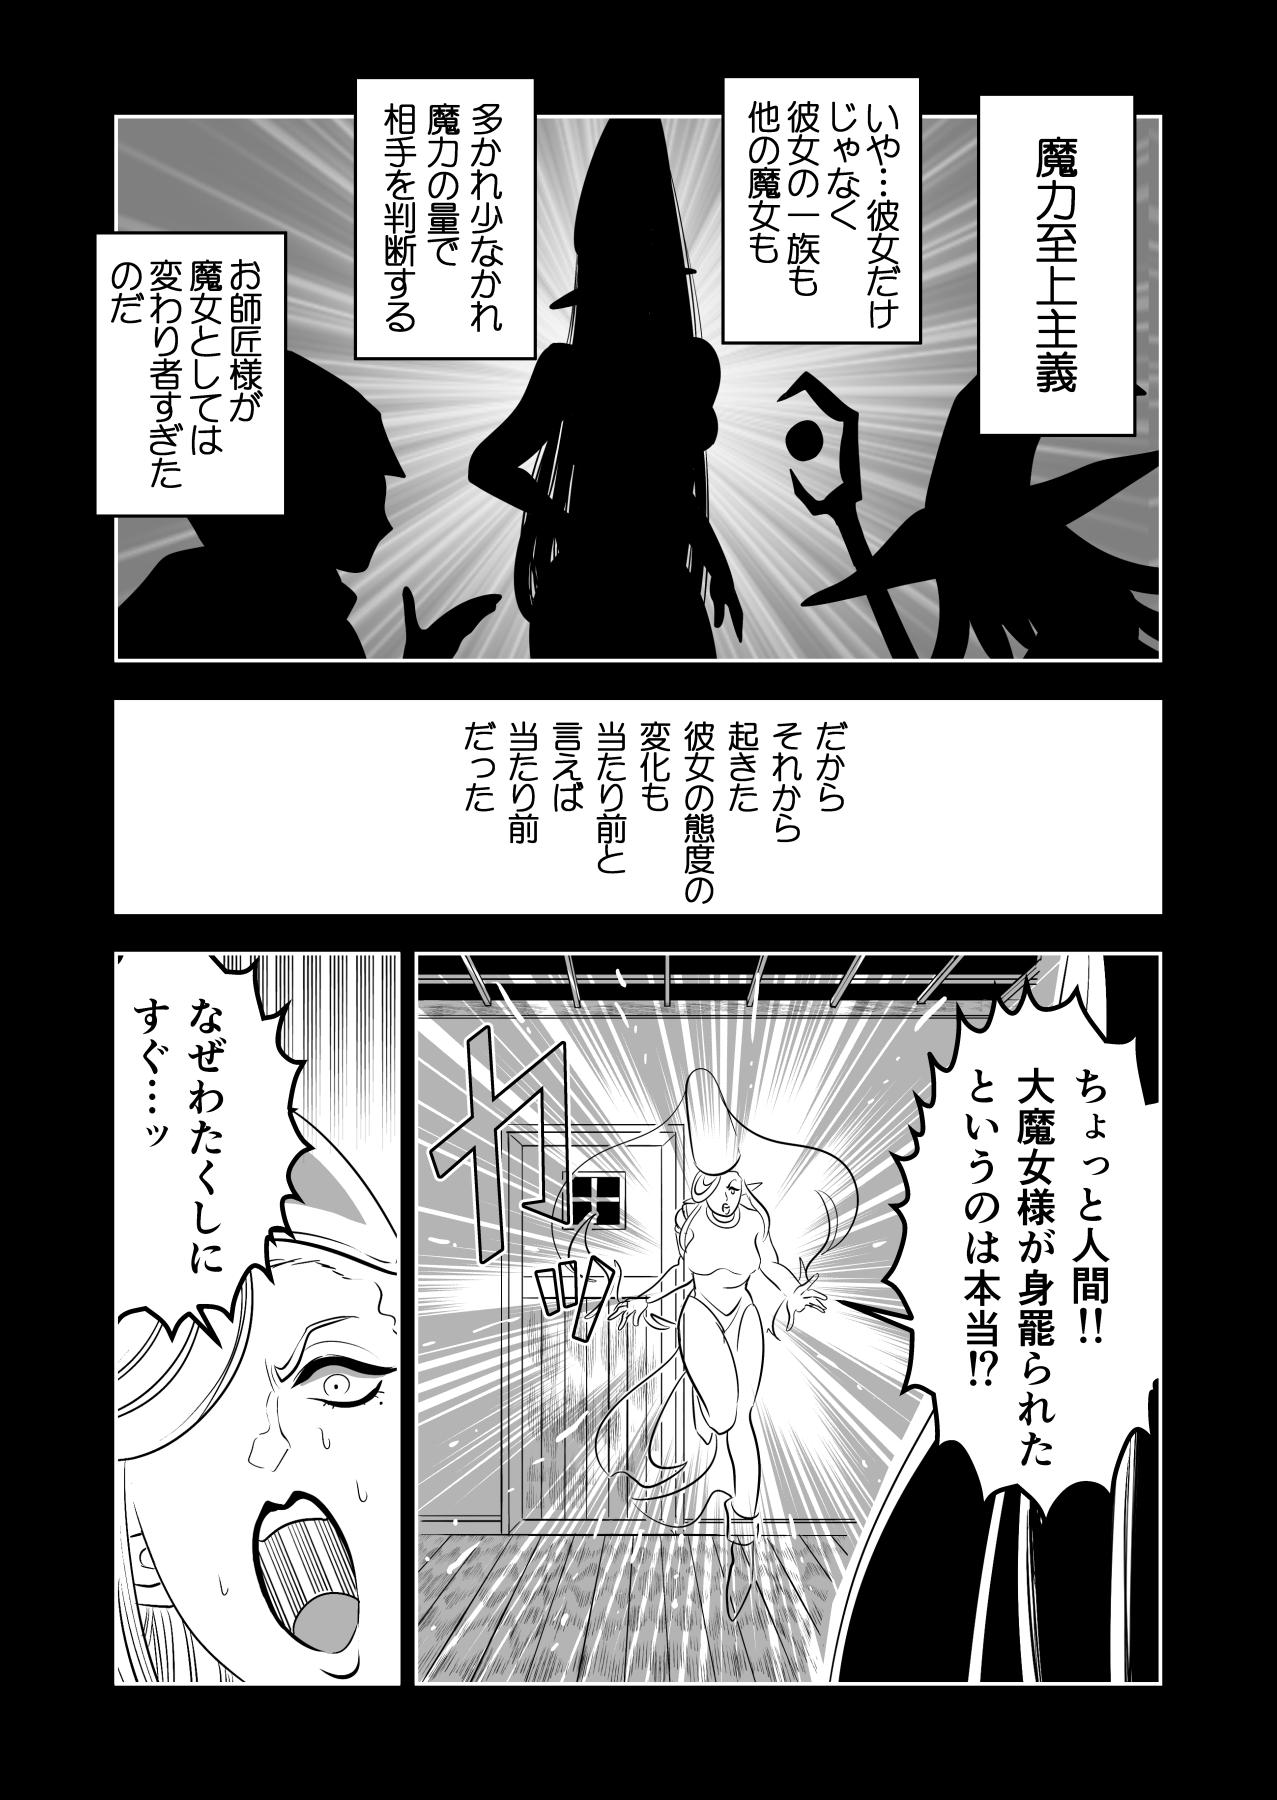 ヤサグレ魔女とグリザベッラと魔女の使い魔0081